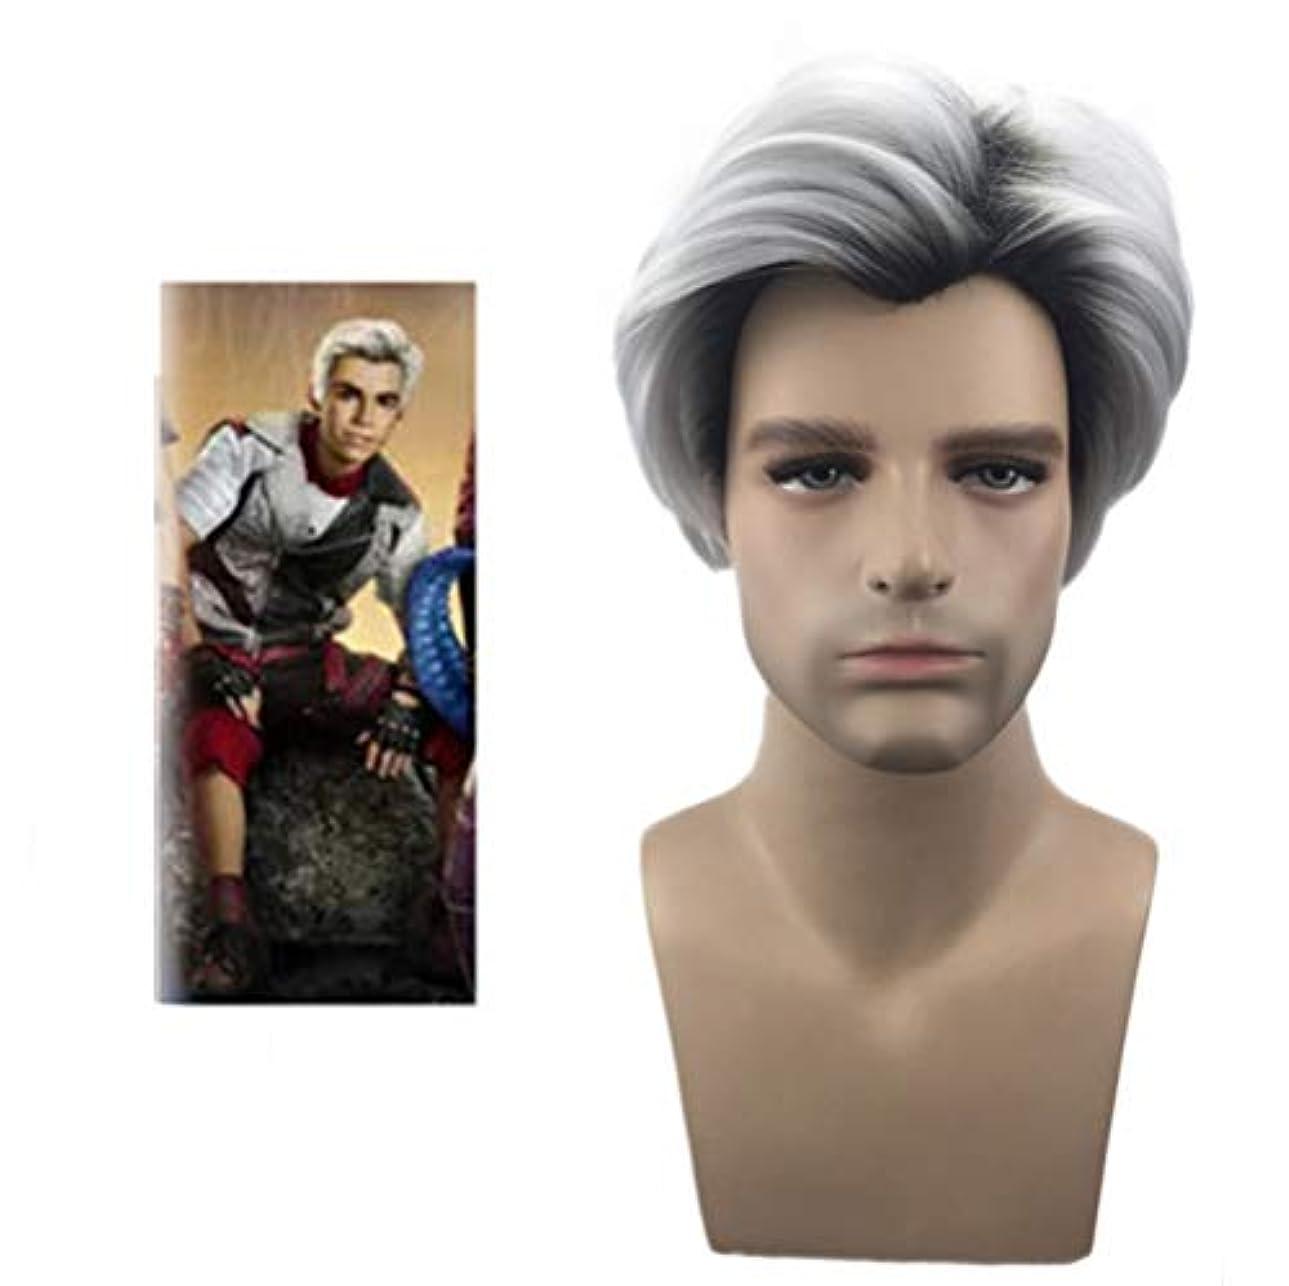 細心の頭蓋骨ベギン男性用かつら150%密度合成耐熱ショーツブラジル人毛ウィッグ黒根白髪28cm